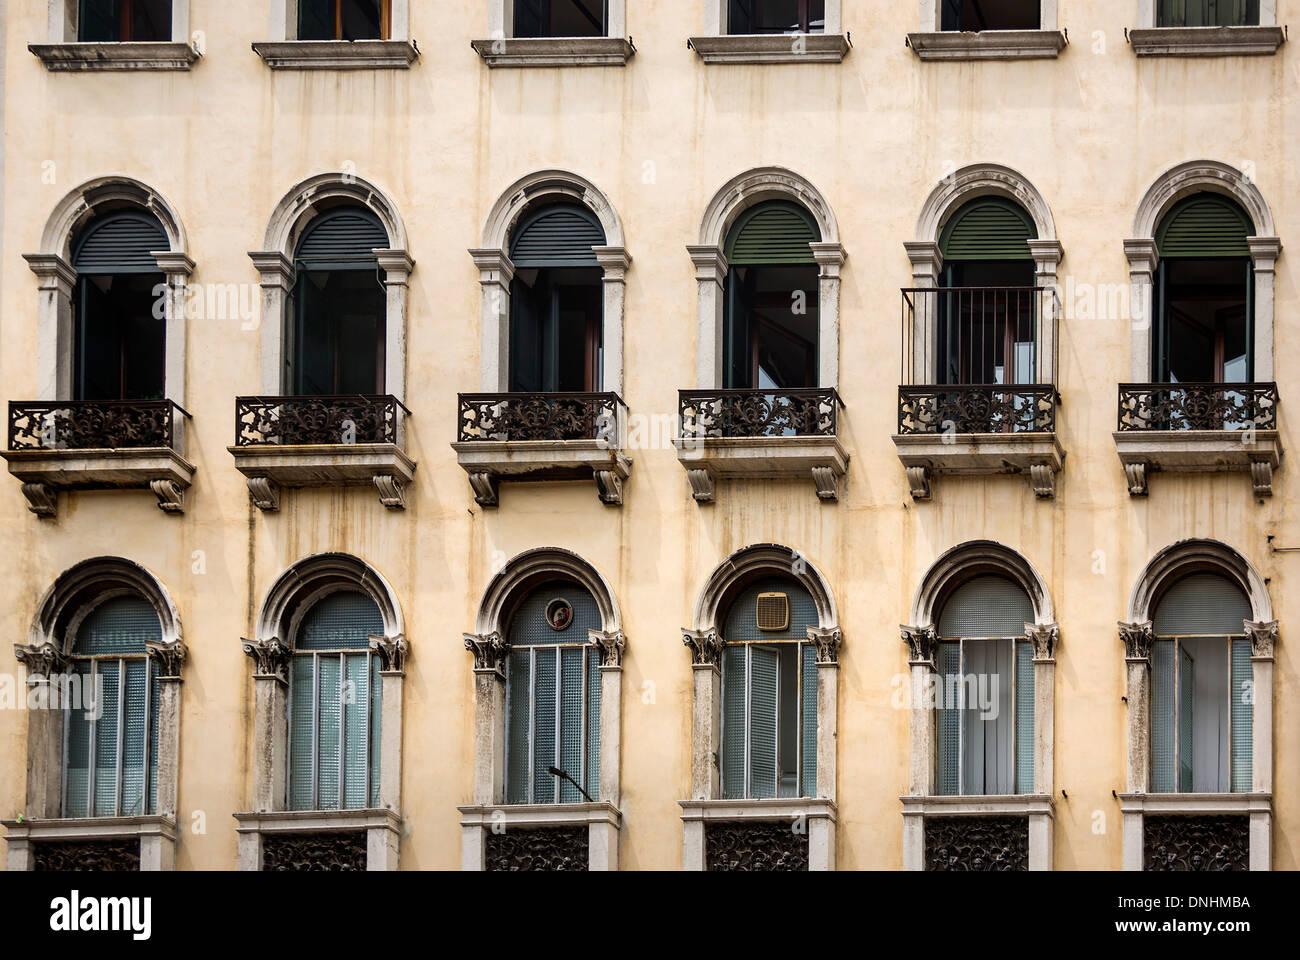 Basso angolo di visione di un edificio, Venezia, Veneto, Italia Foto Stock